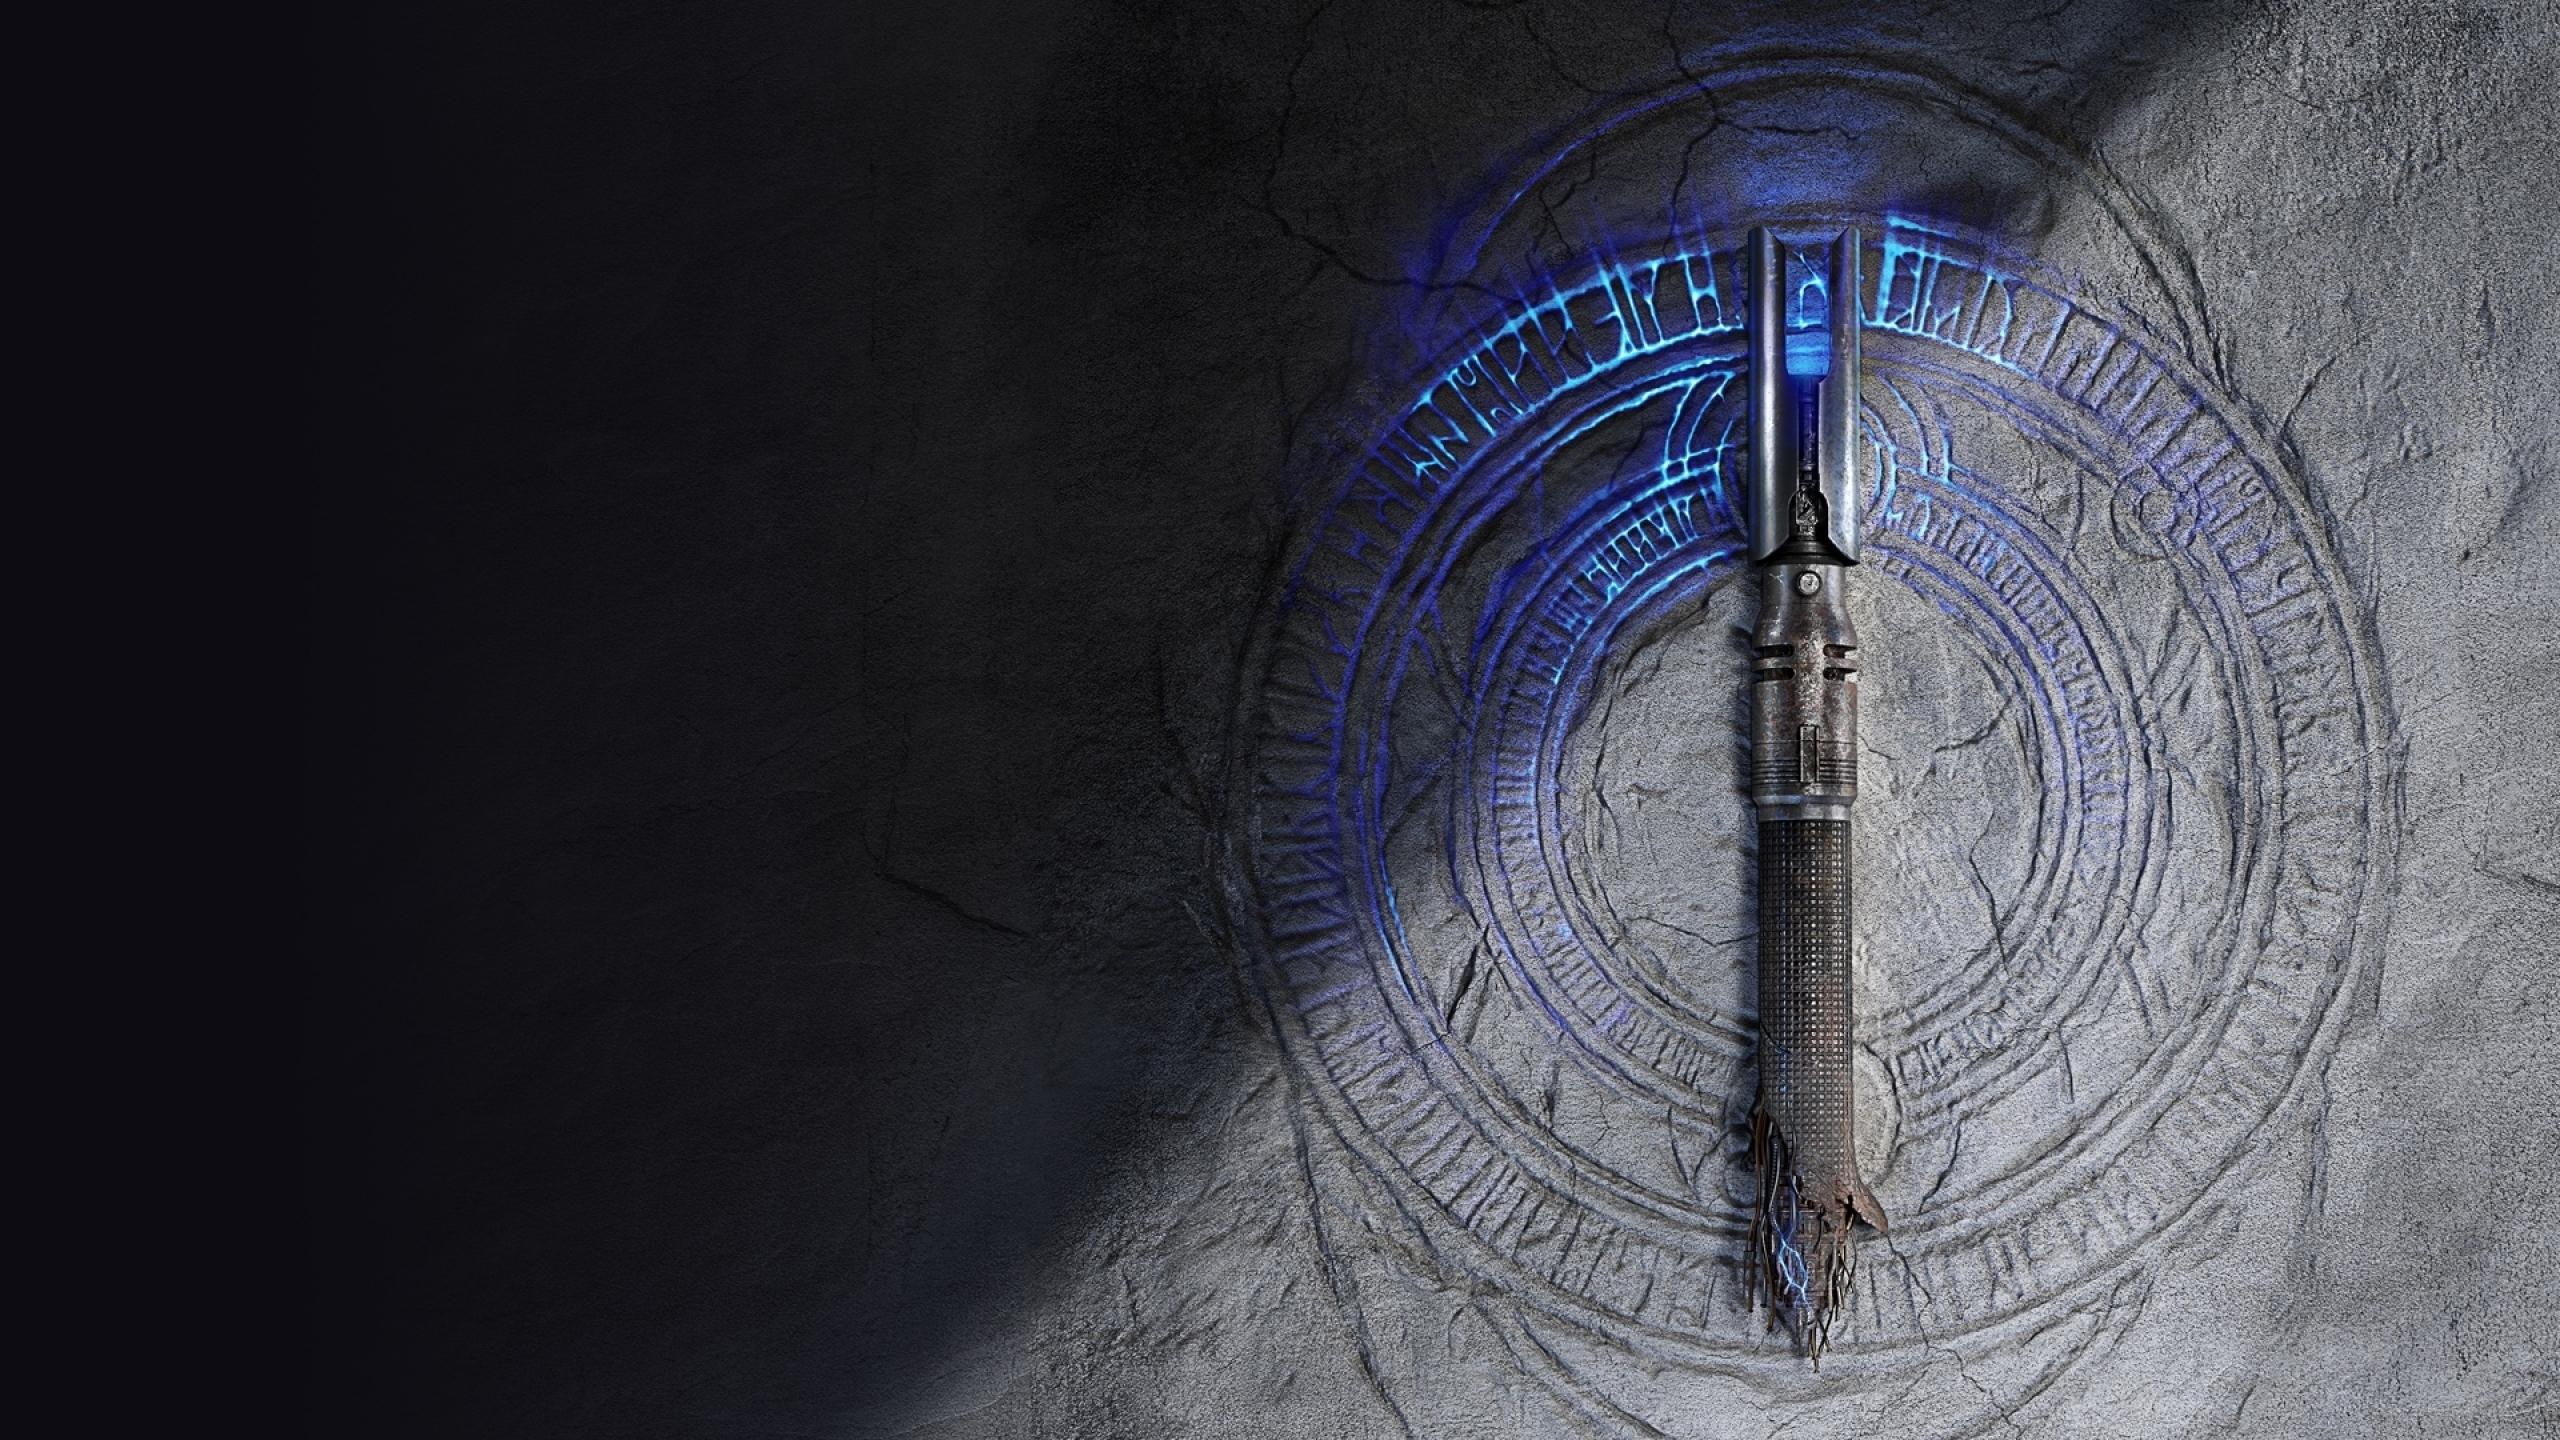 2560x1440 Star Wars Jedi Fallen Order Poster 1440p Resolution